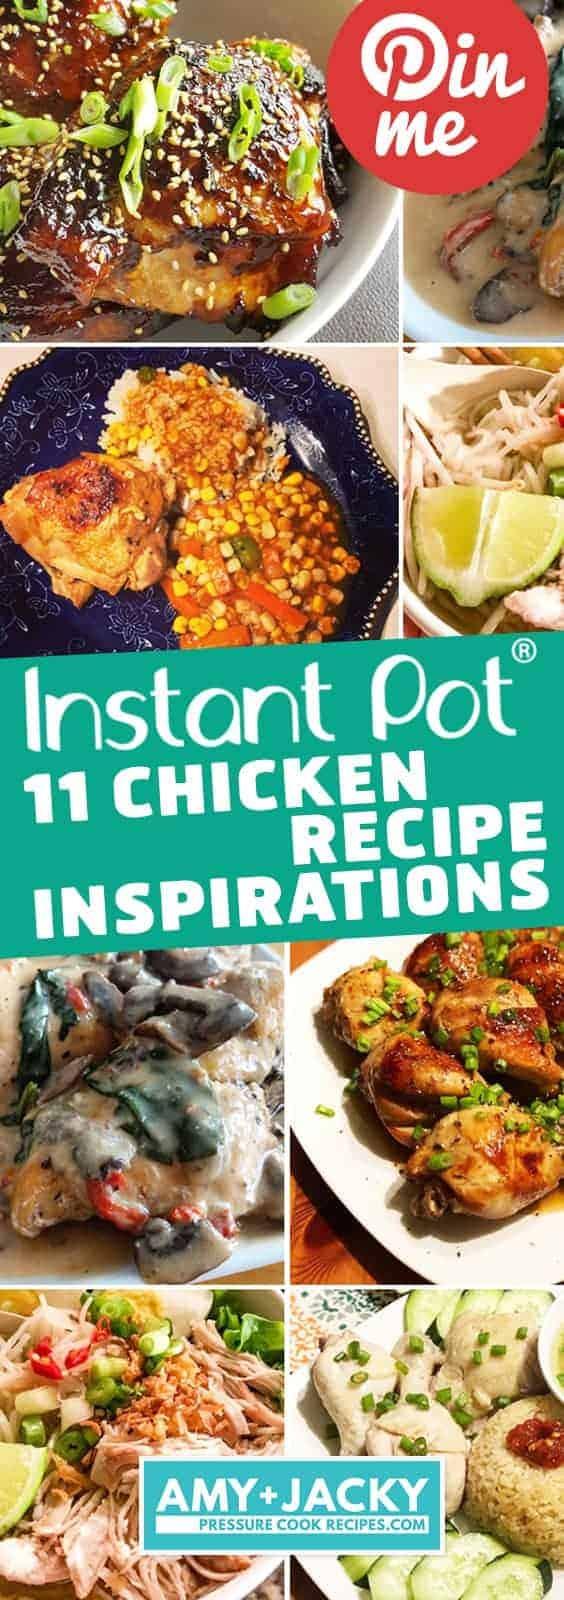 Instant Pot Chicken Dinner Ideas | Instant Pot Chicken Recipes | Instant Pot Chicken | Pressure Cooker Chicken Recipes | Instant Pot Dinner Ideas | Instant Pot Recipes | Pressure Cooker Recipes #instantpot #pressurecooker #chicken #recips #easy